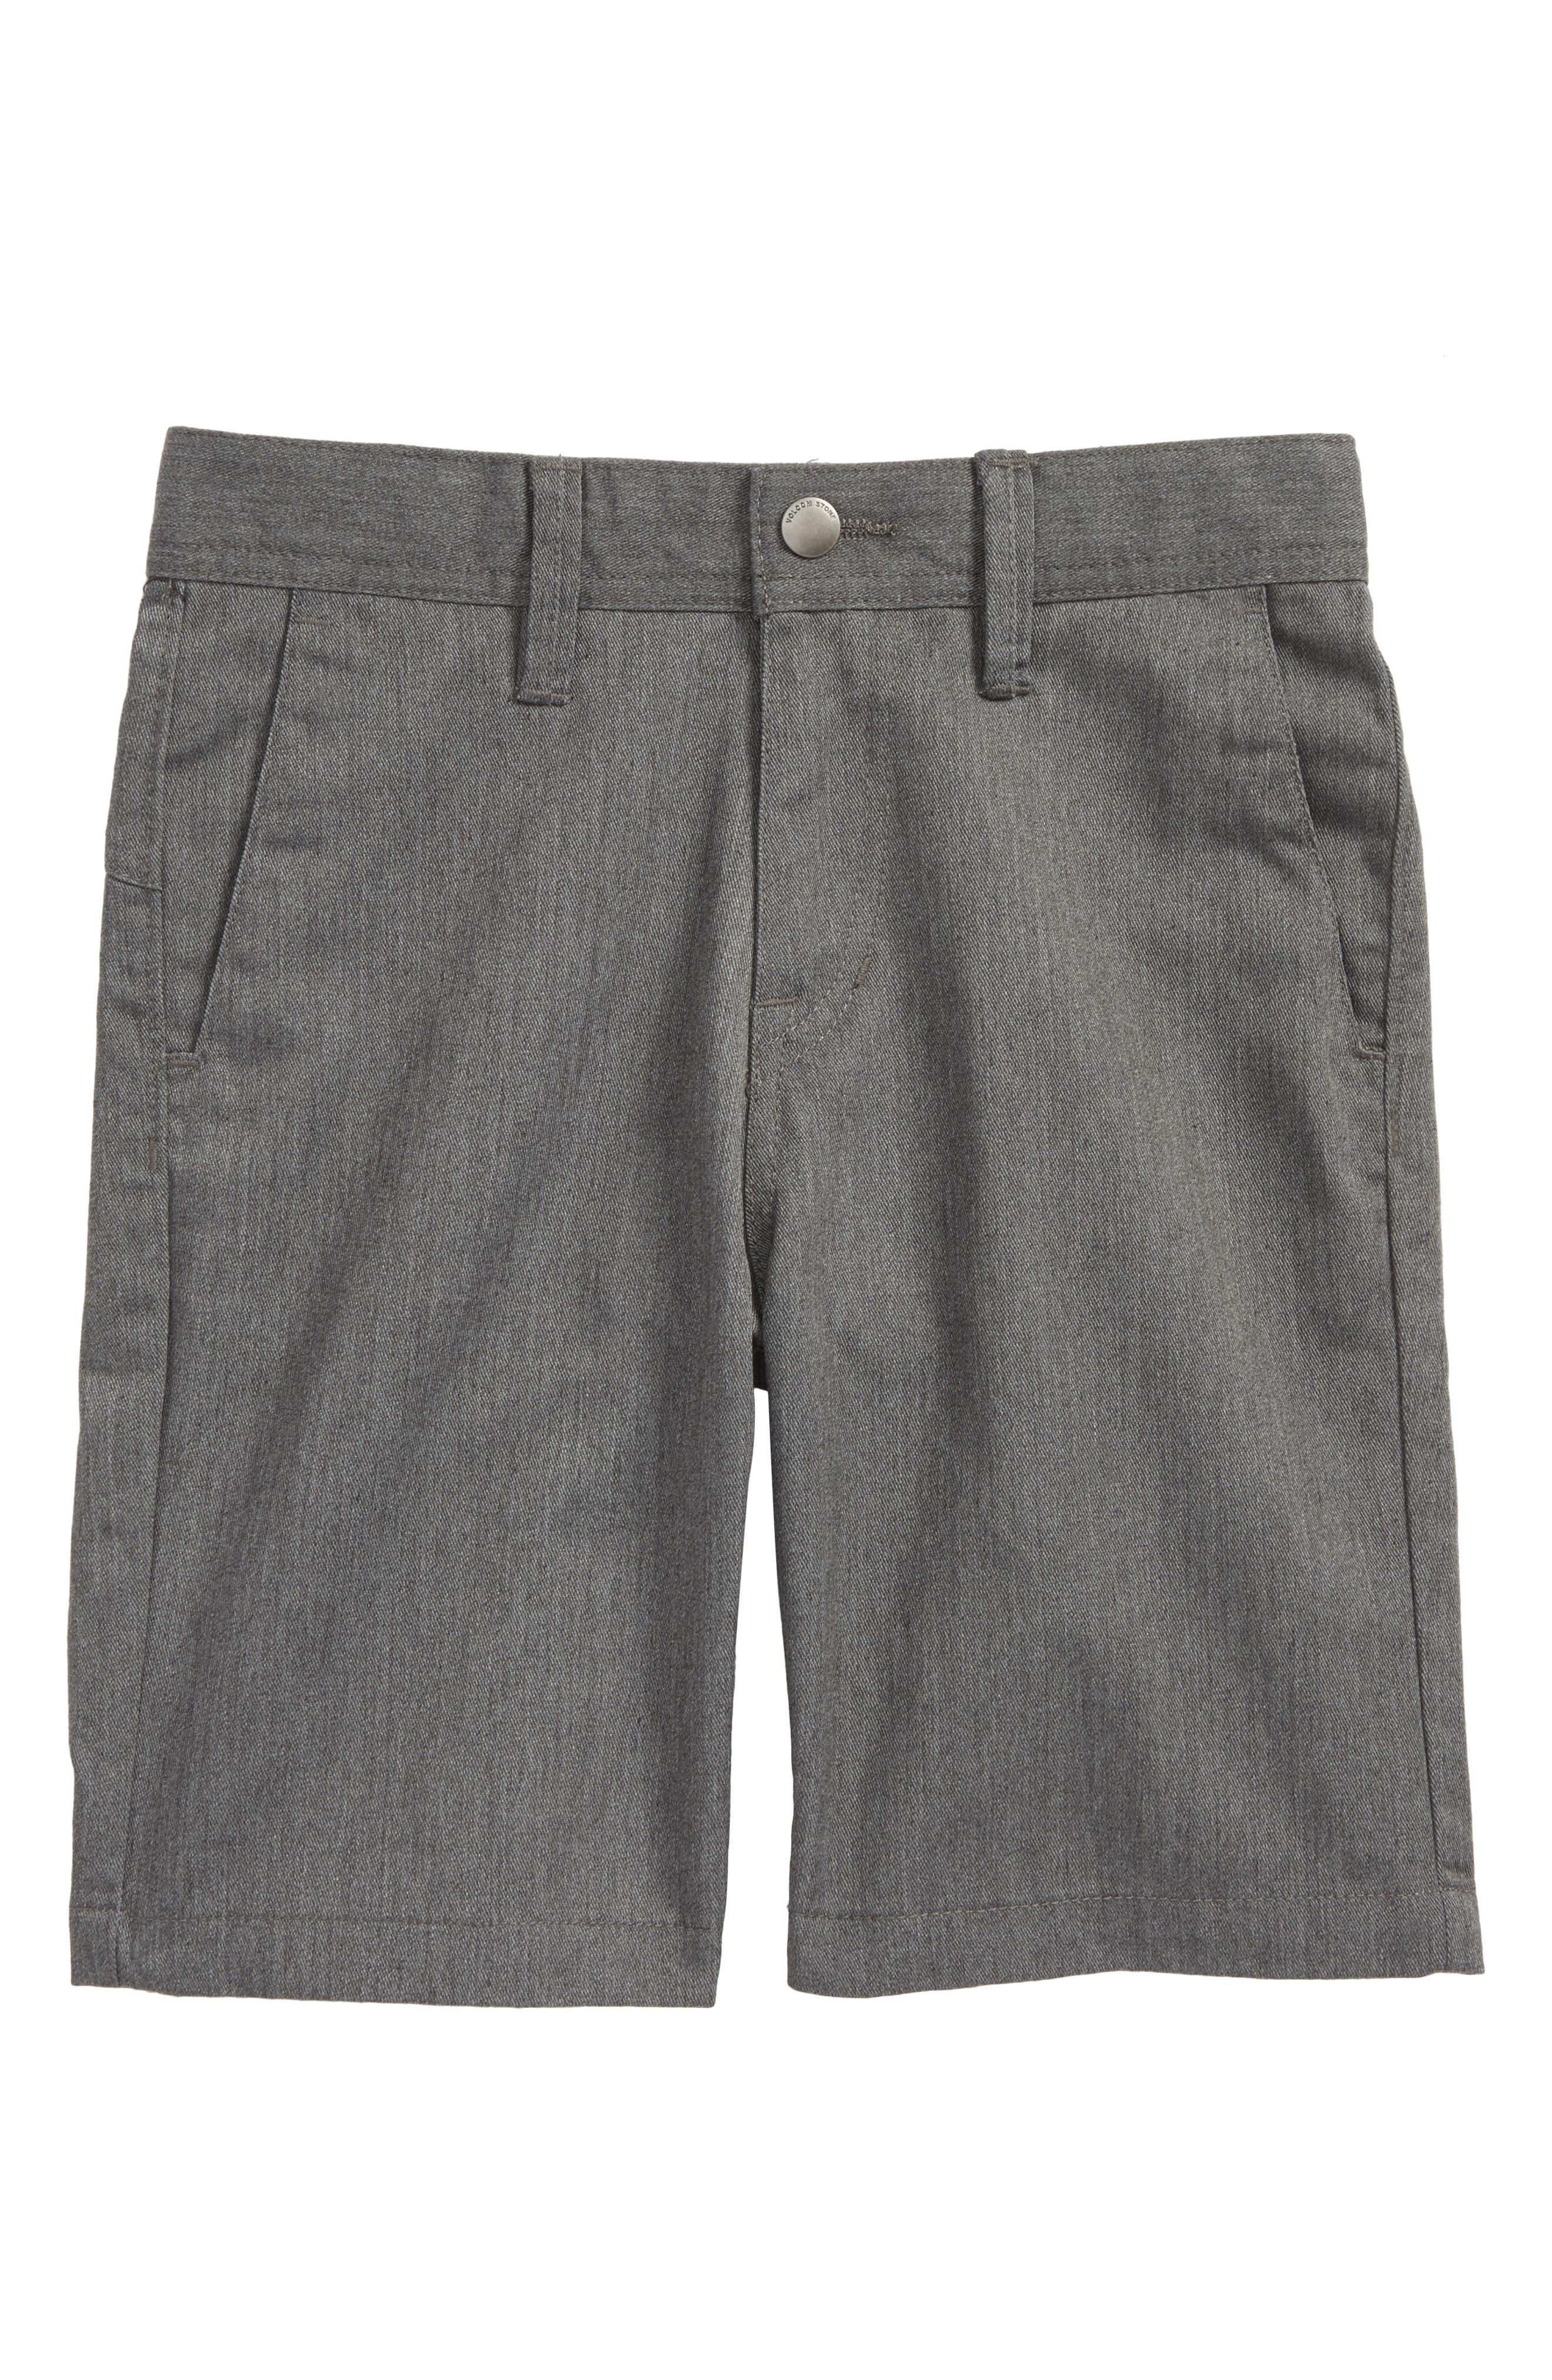 Chino Shorts,                         Main,                         color, 001